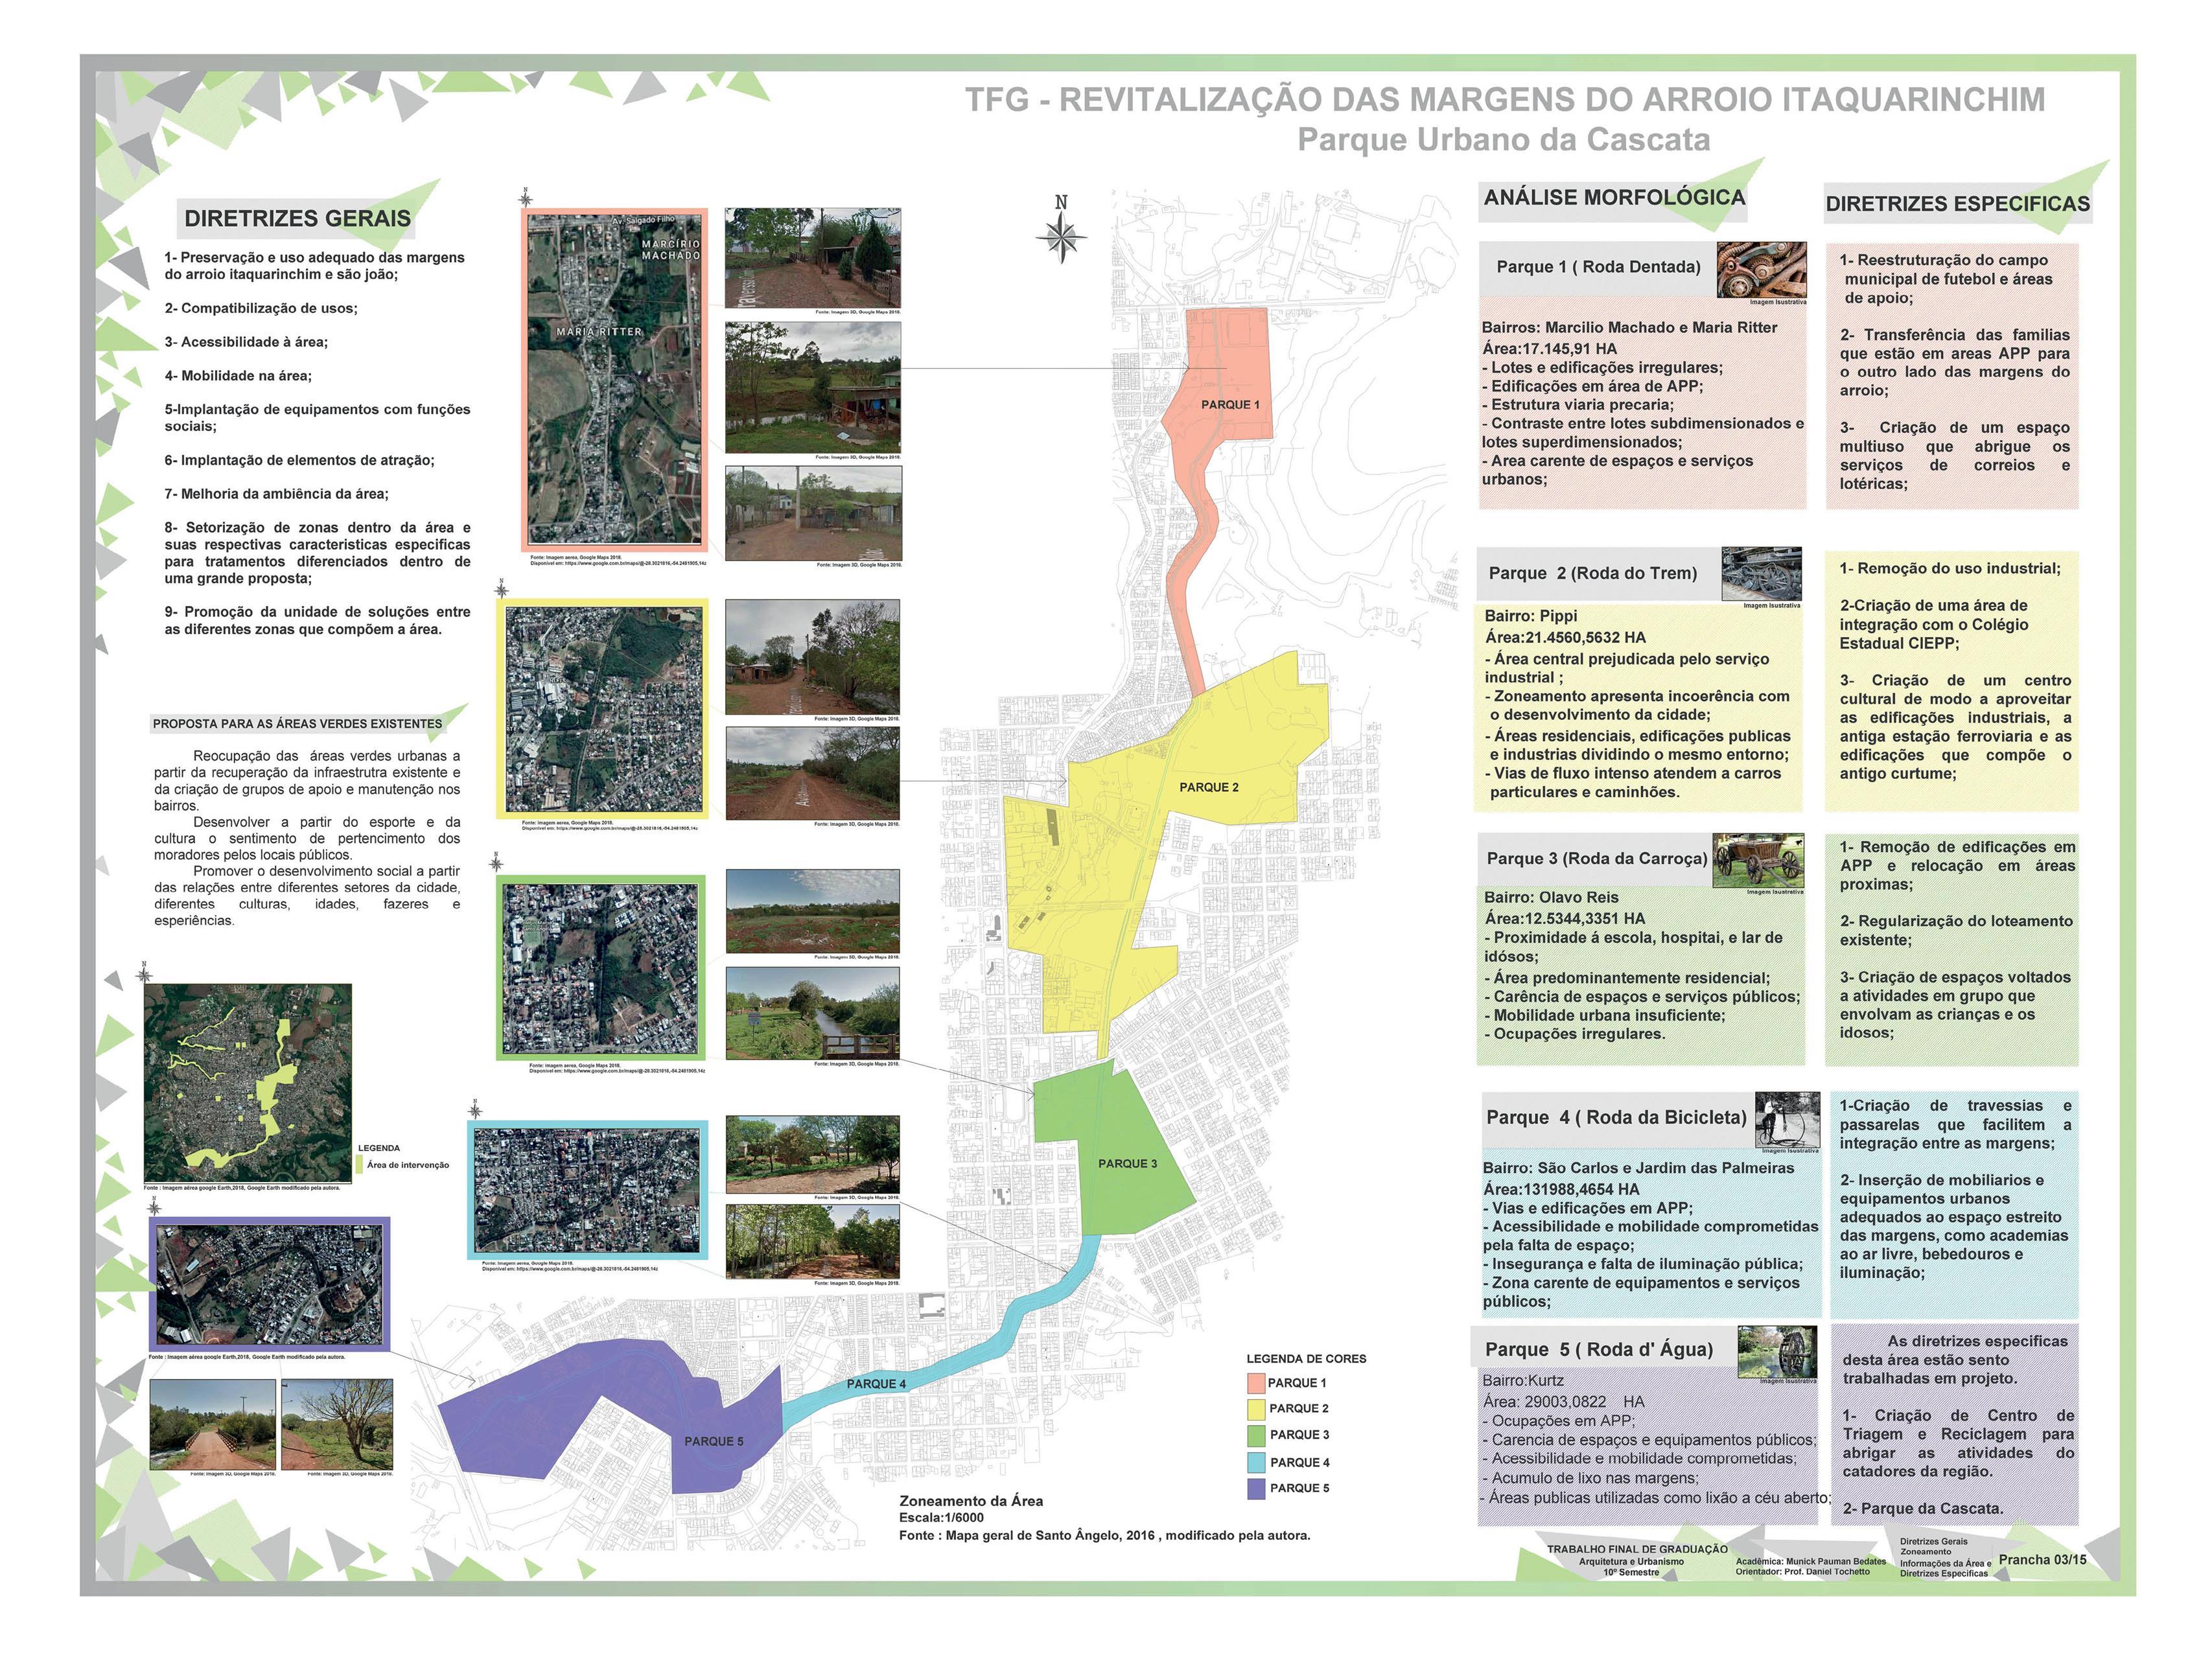 Revitalização das Margens do Arroio Itaquarinchim - Parque Urbano da Cascata3 (Copy)